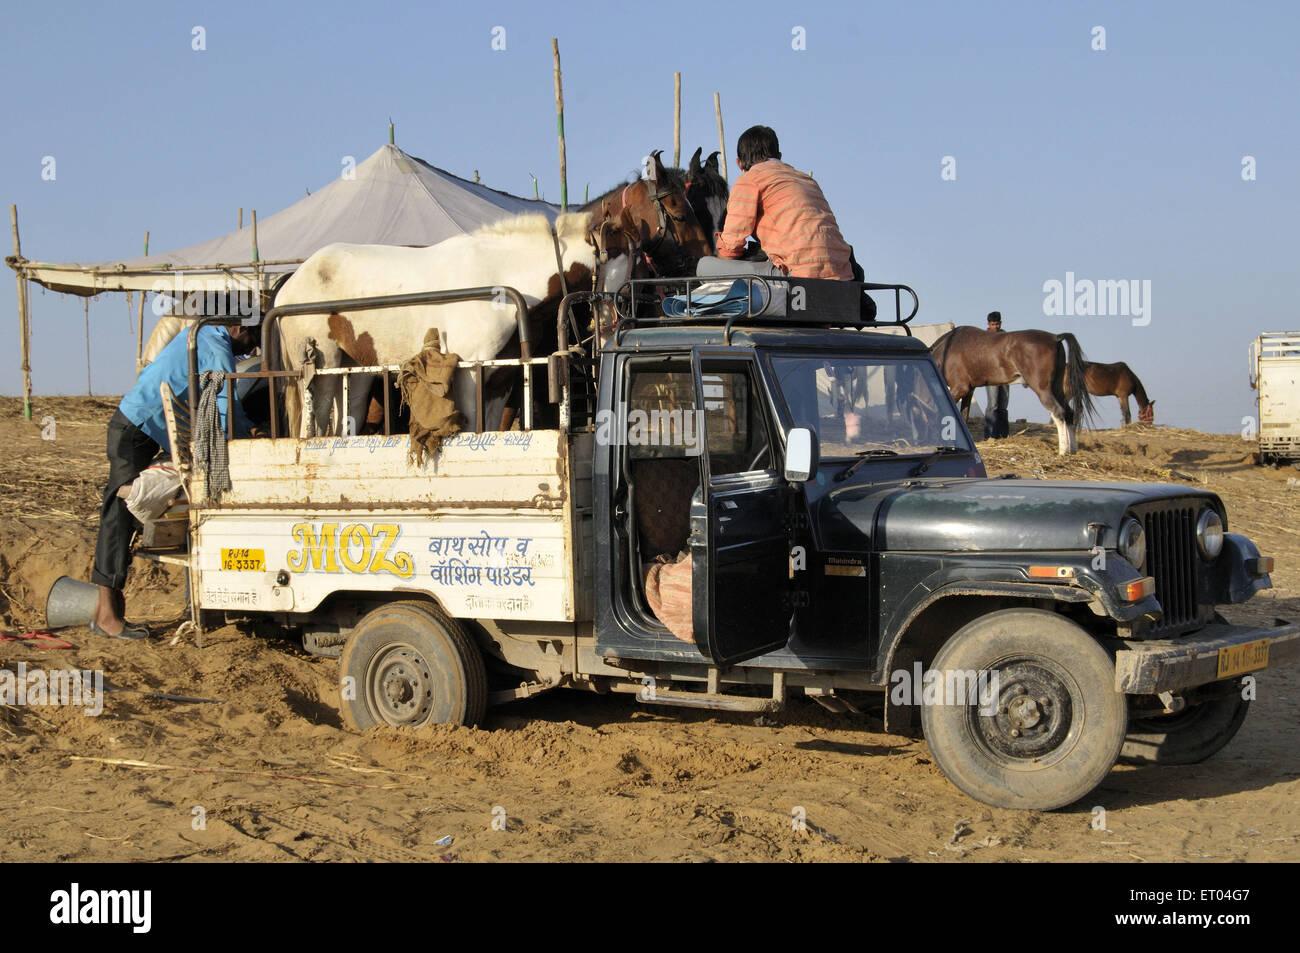 Transport de chevaux à Pushkar au Rajasthan Inde équitable Photo Stock